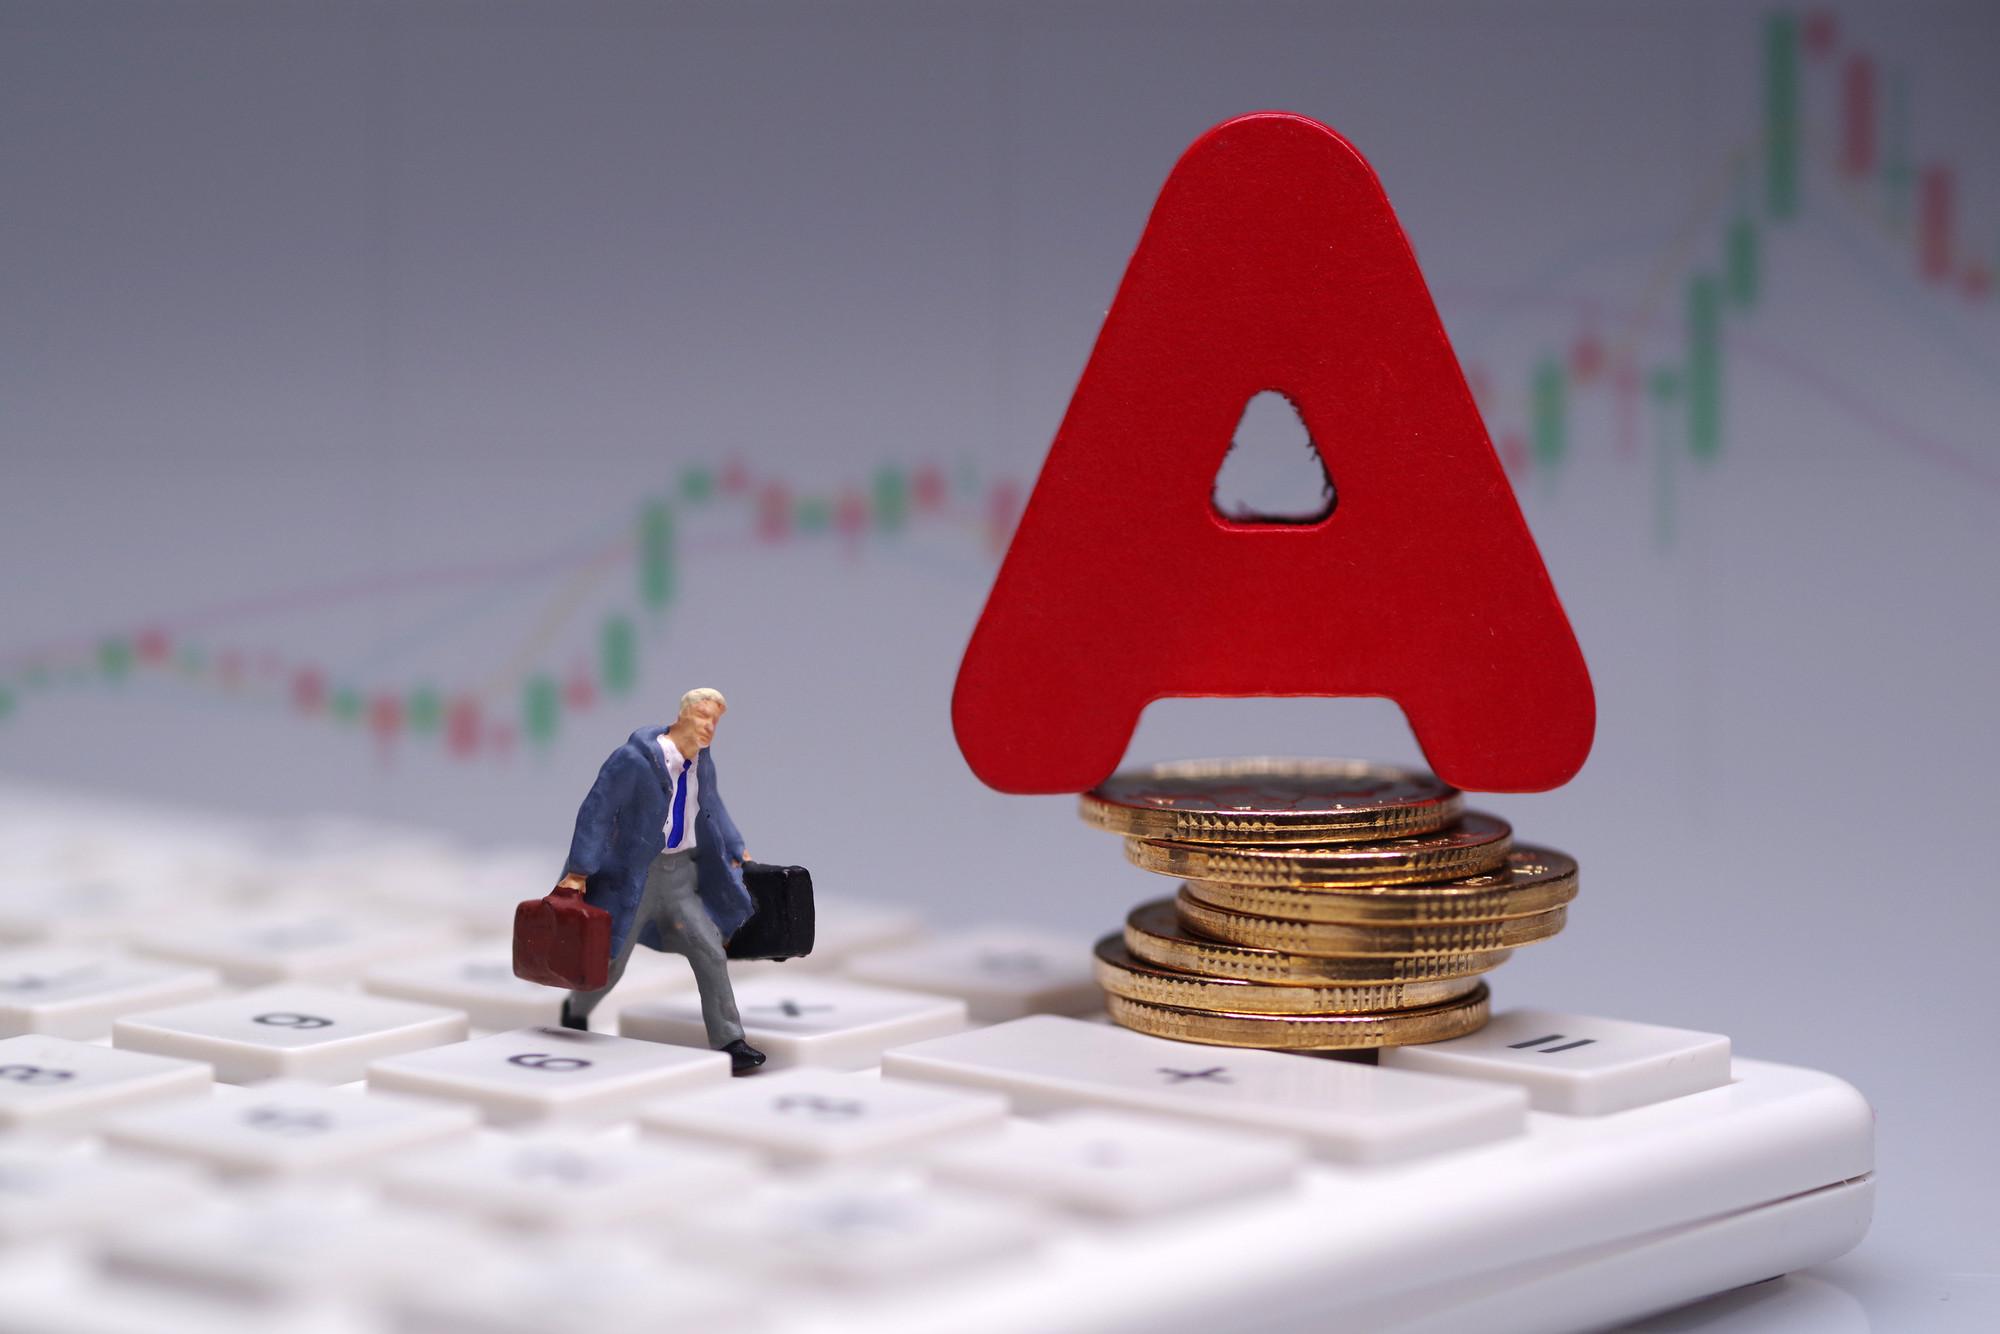 市场调整之后,下一波机会何时到来?